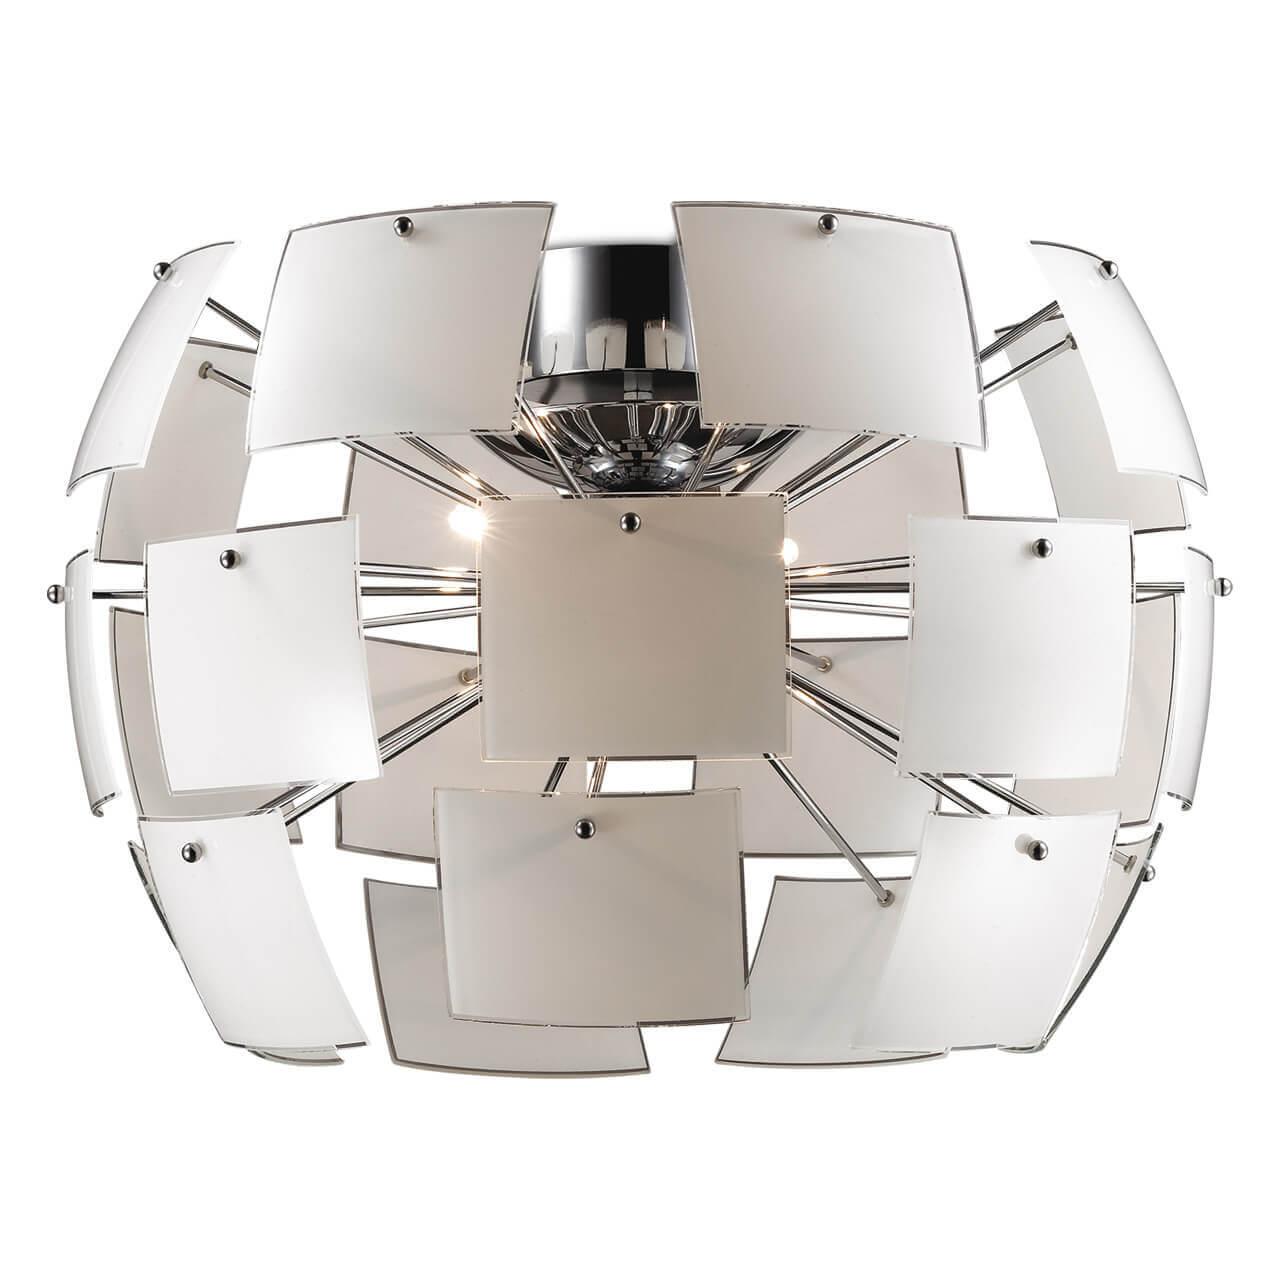 Потолочный светильник Odeon Light Vorm 2655/4C odeon light настольная лампа декоративная odeon light vorm 2655 2t